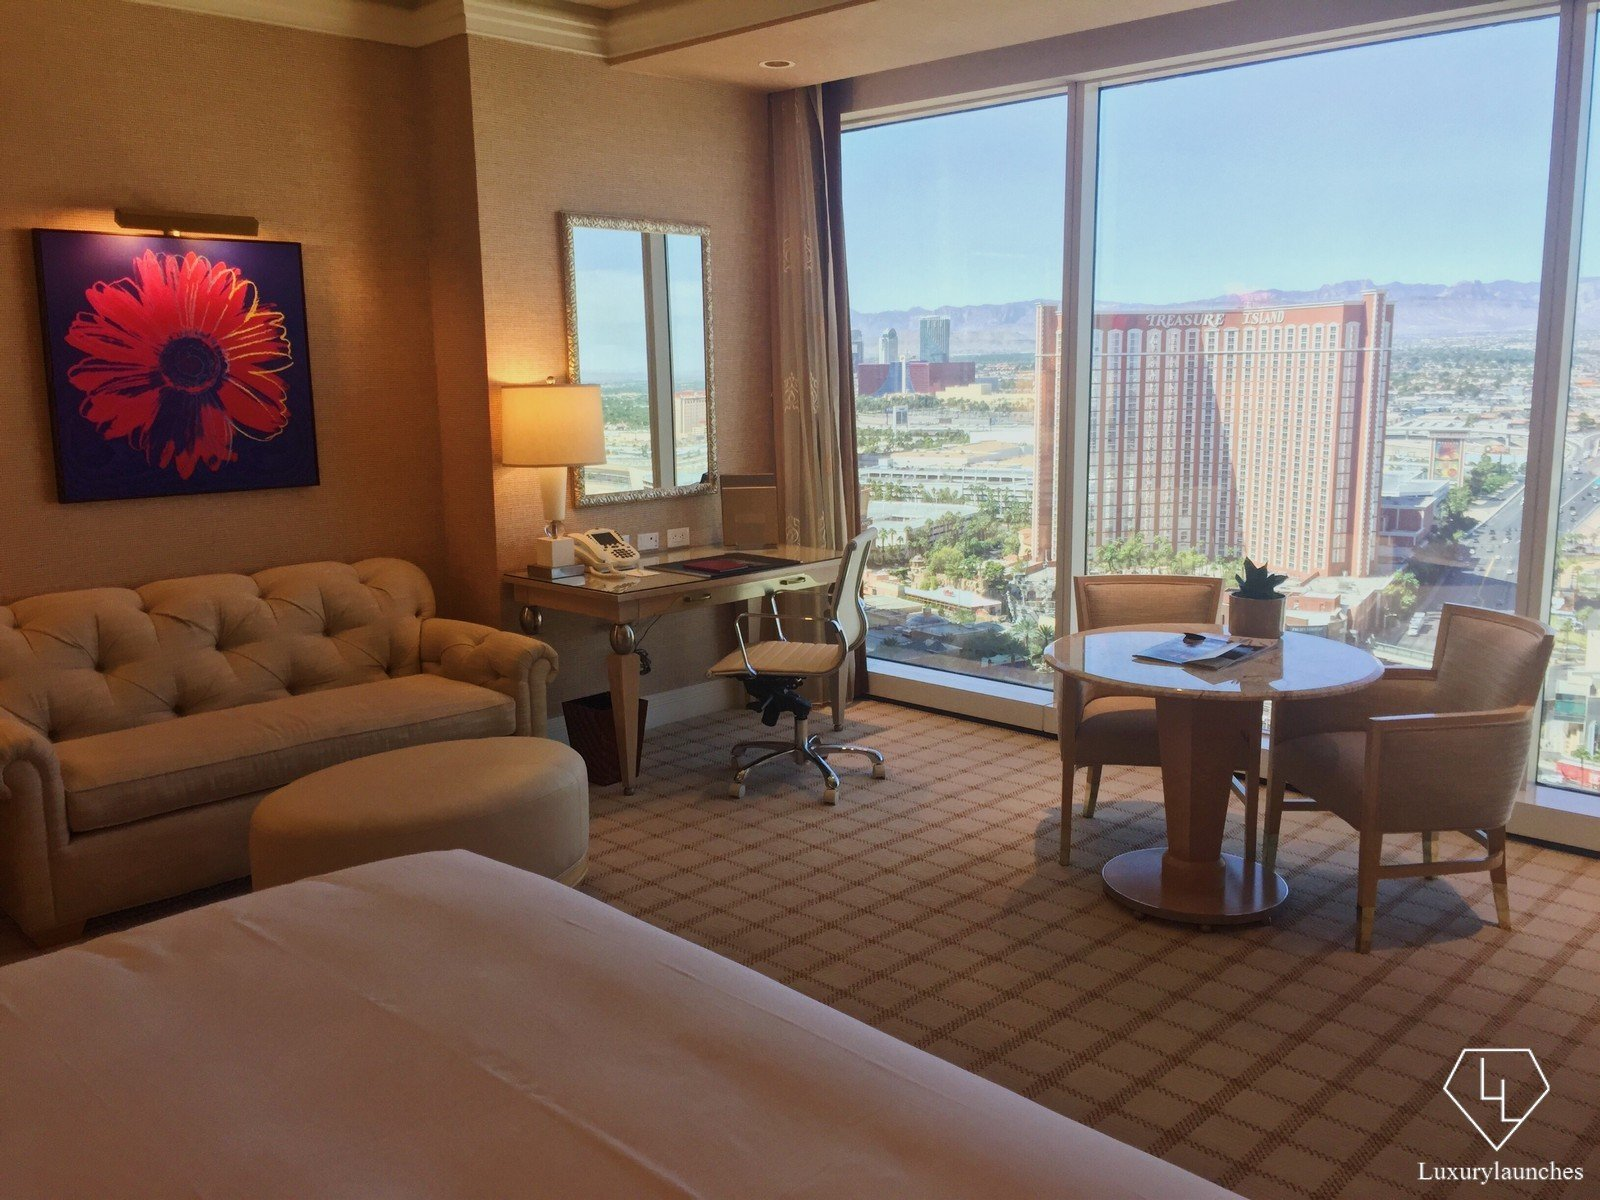 Review wynn las vegas for Wynn hotel decor